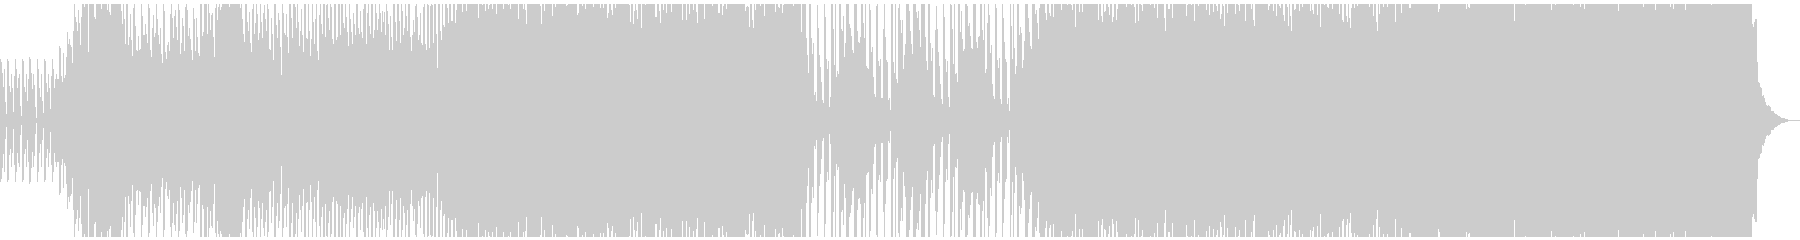 ポップで軽快なEDMの未再生の波形